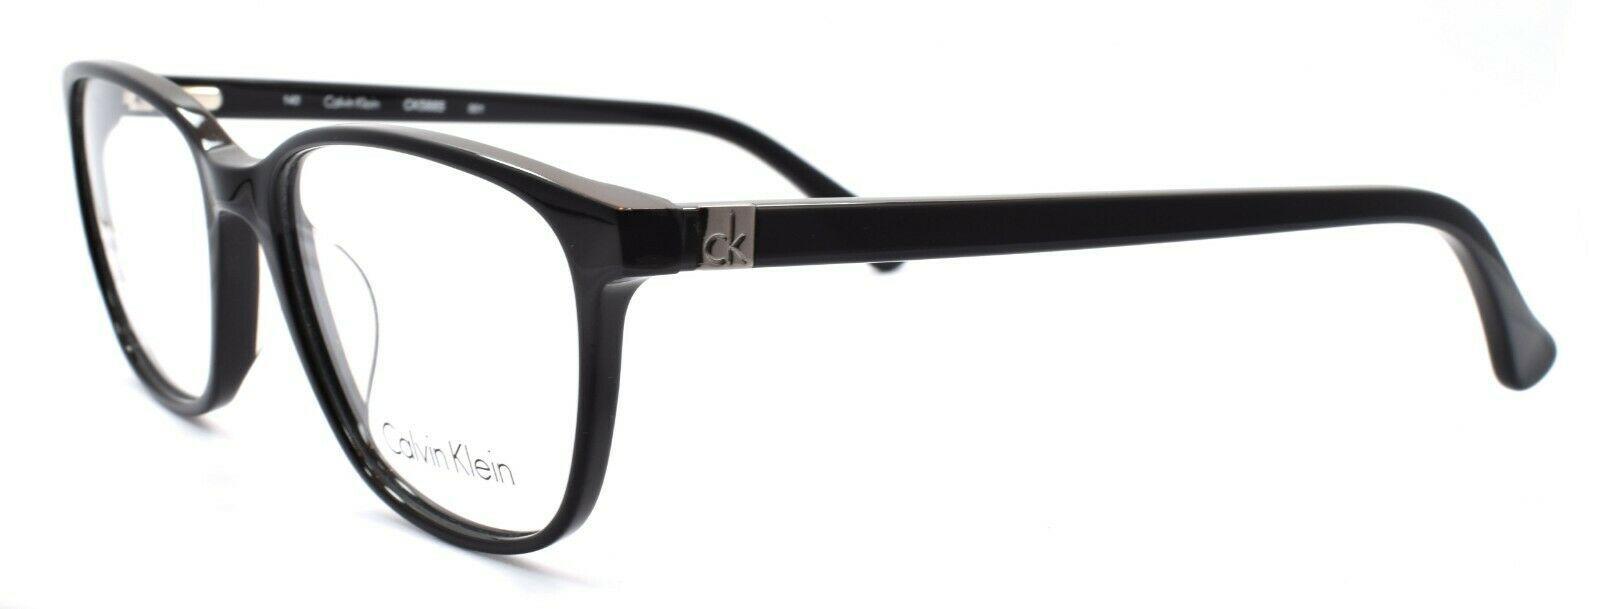 Calvin Klein CK5885 001 Women's Eyeglasses Frames 52-16-140 Black - $59.20